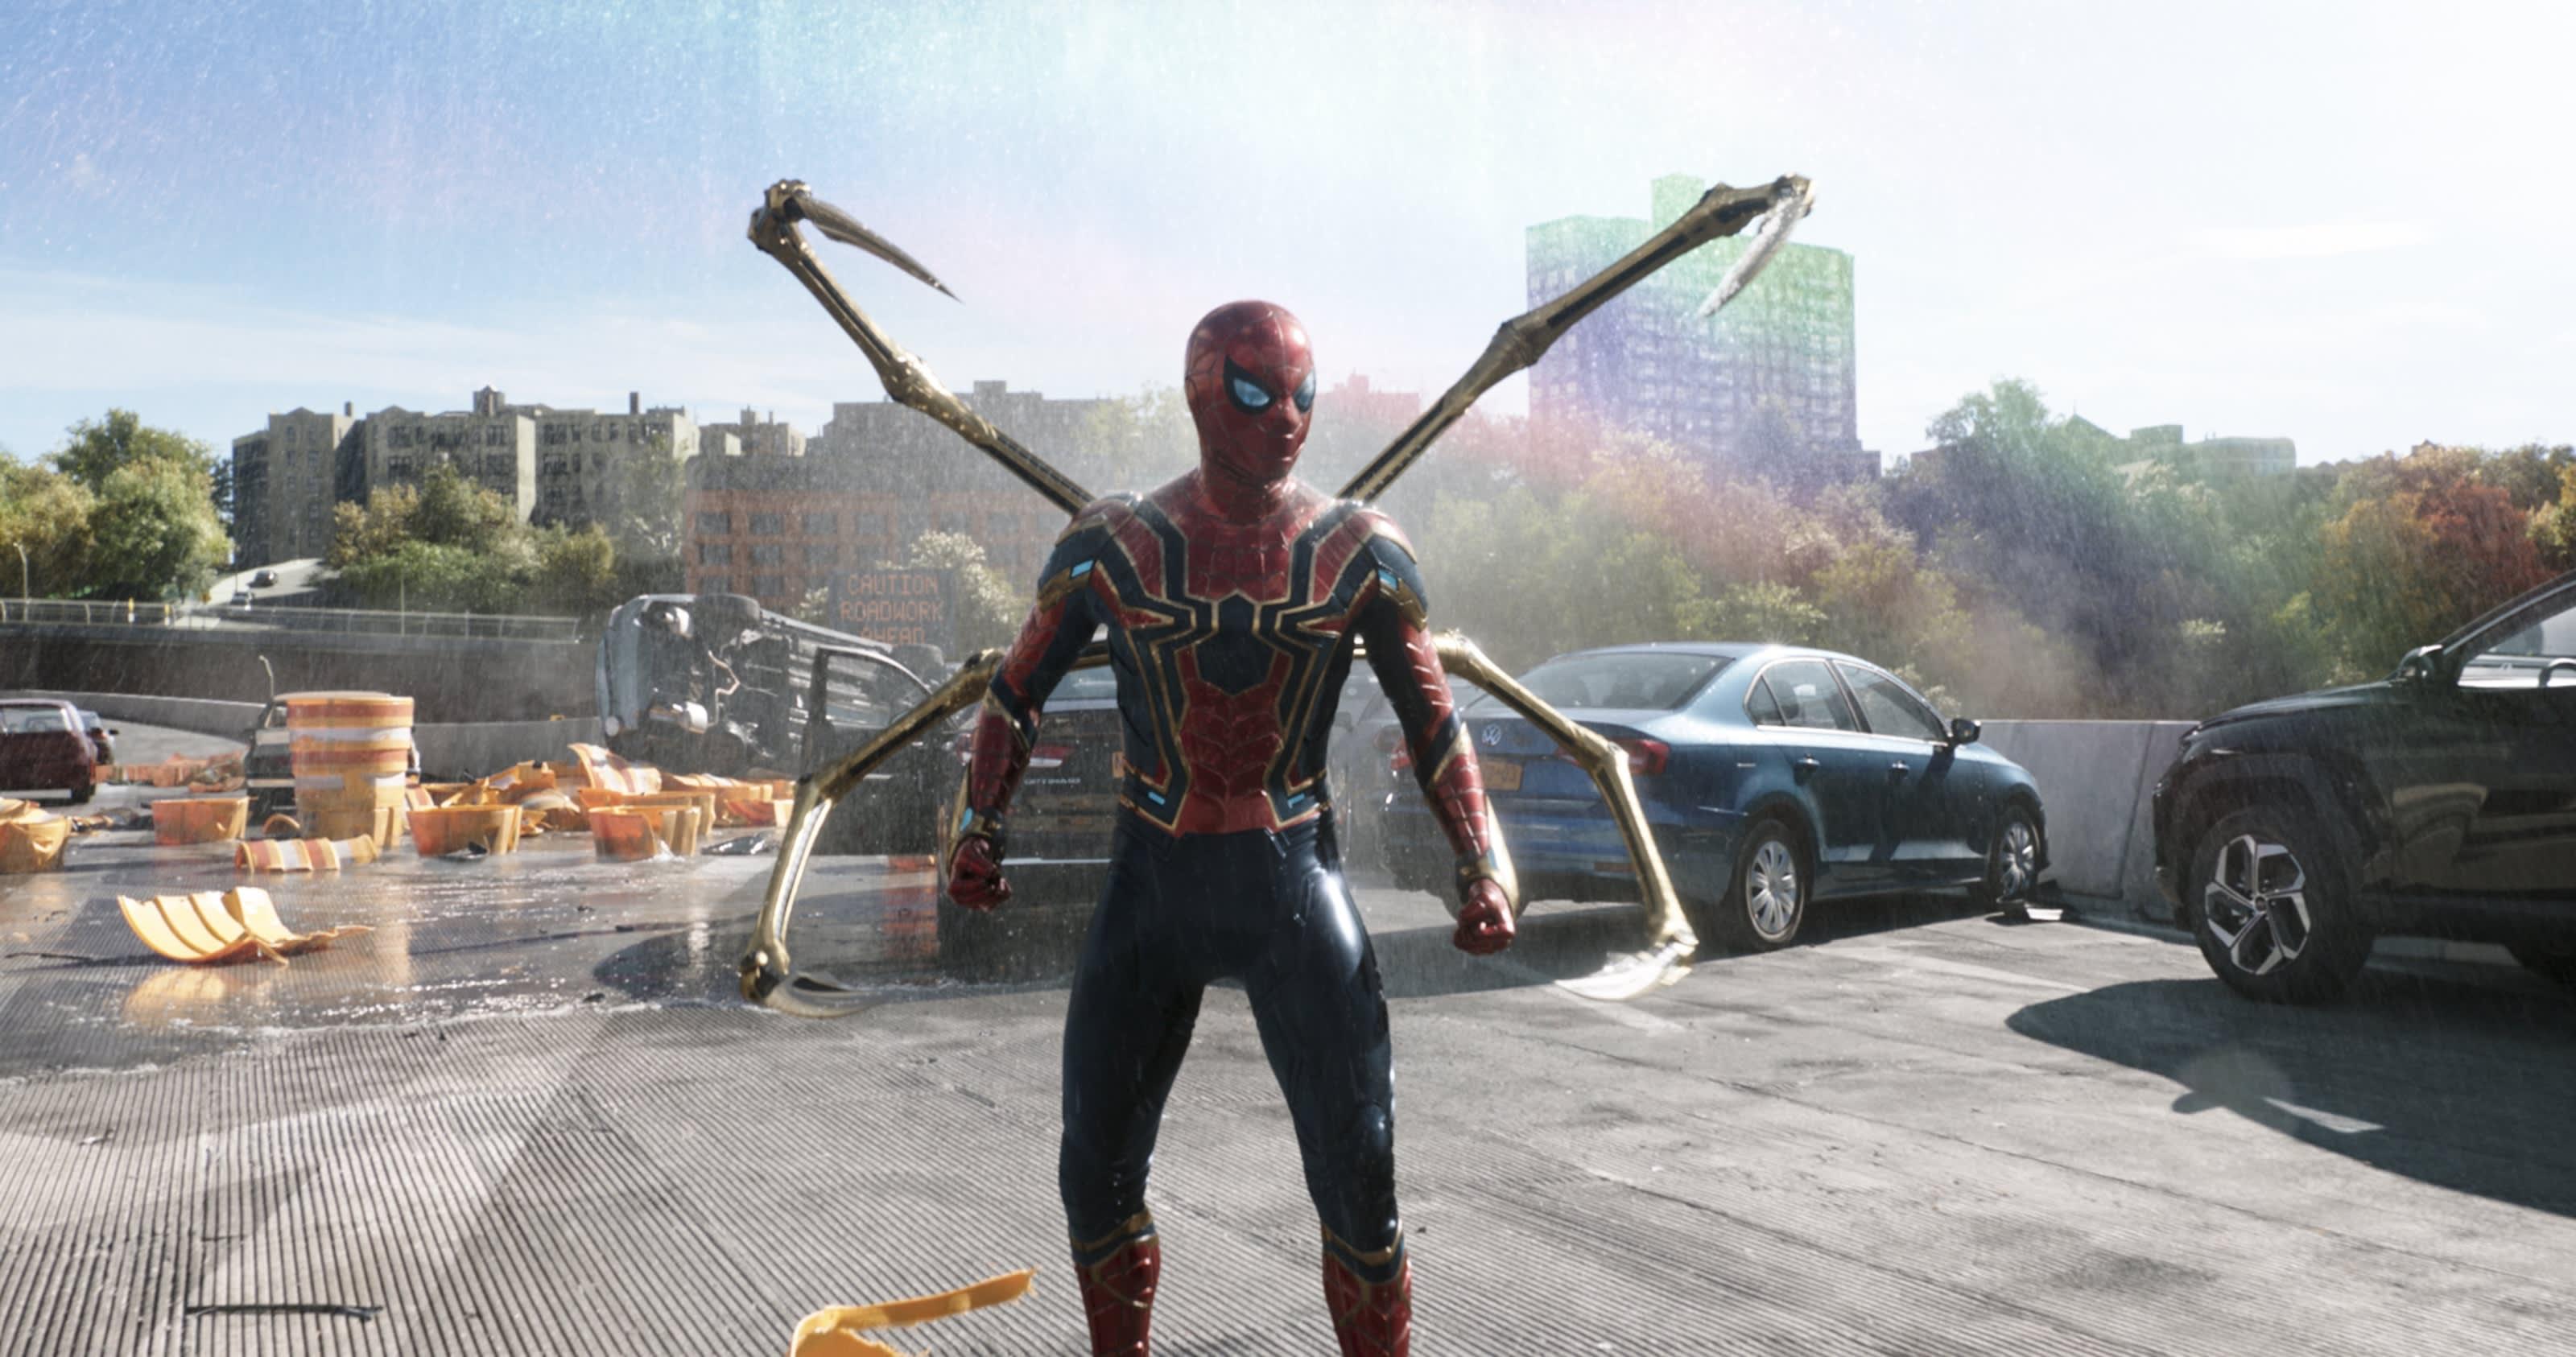 Spider-Man: No Way Home, Doctor Strange, Mephisto, Spider-Man